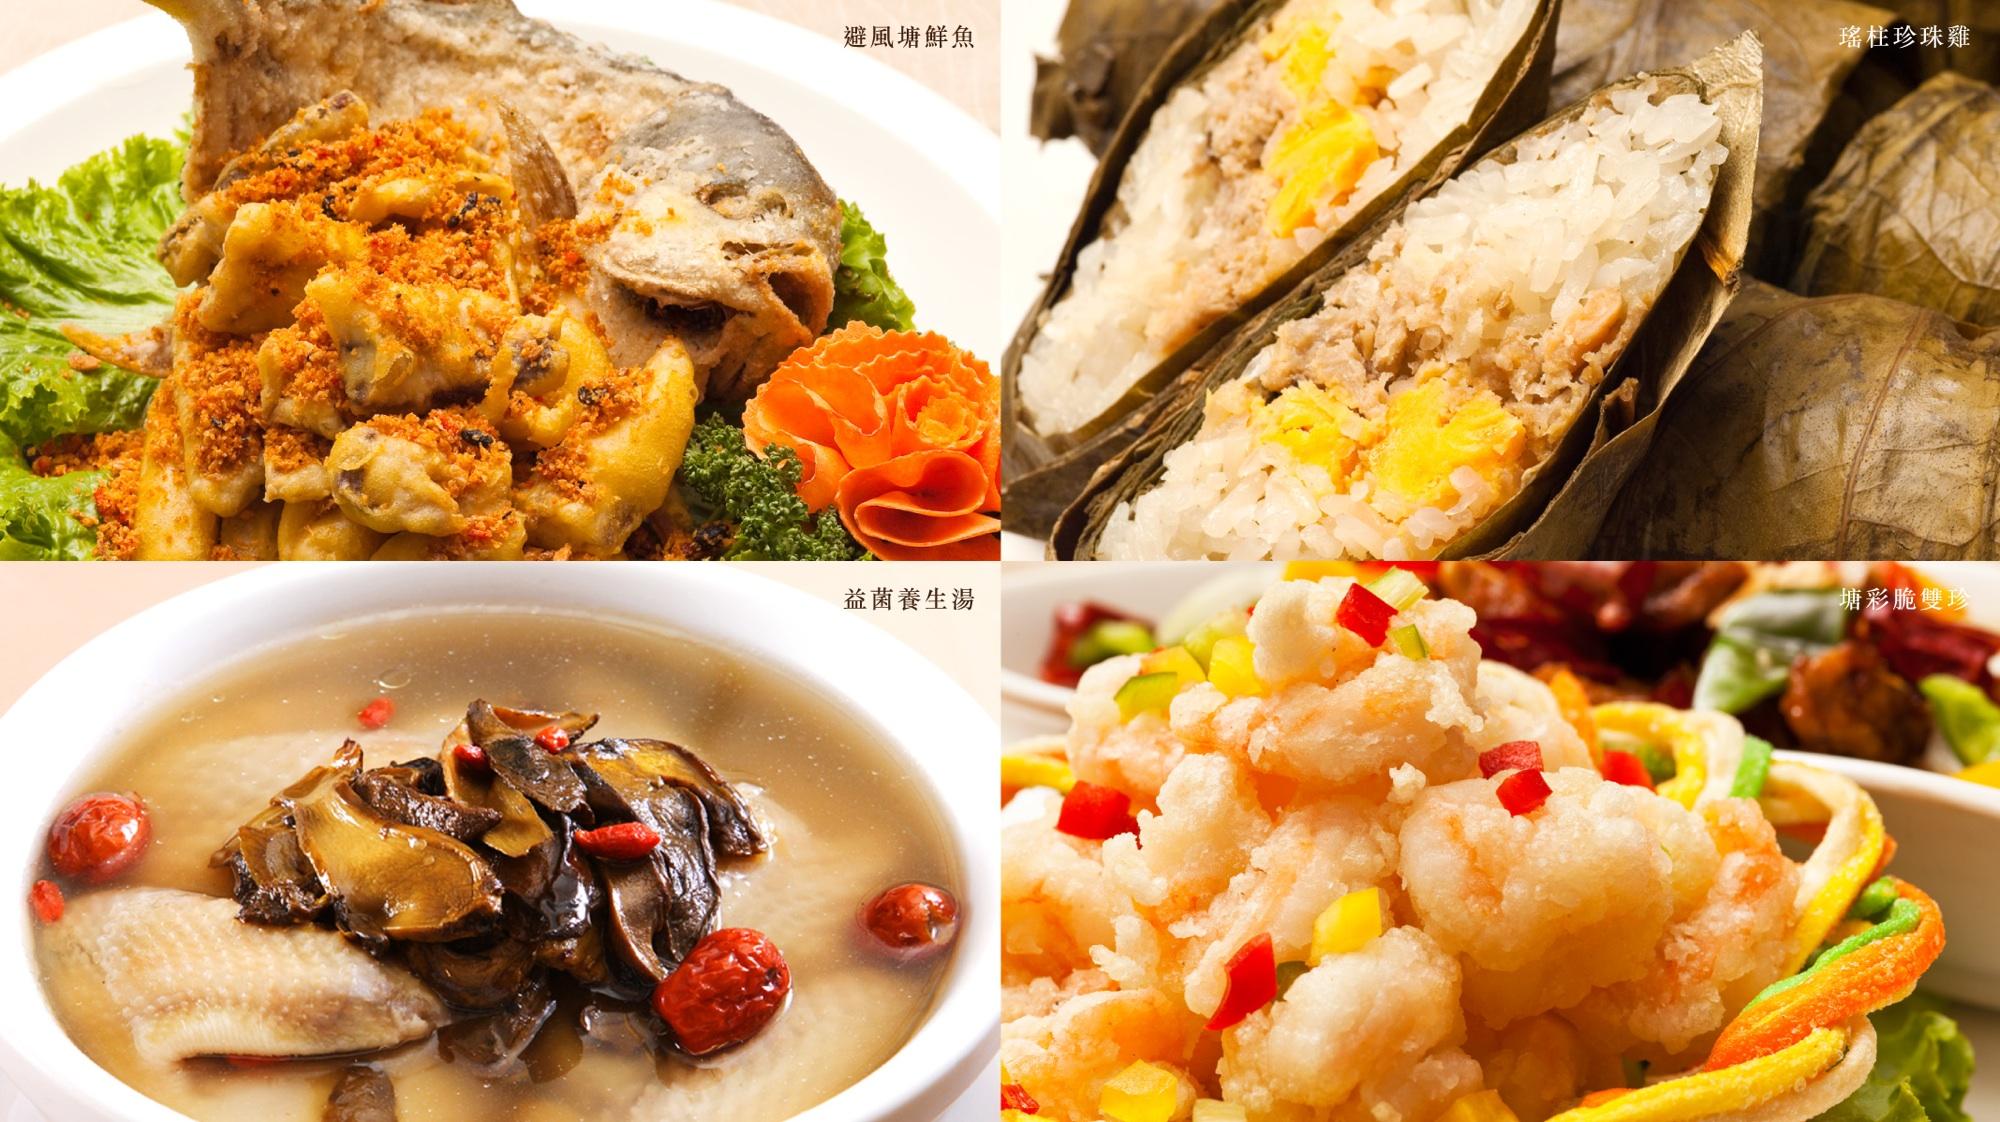 華漾大飯店推出父親節精緻美饌 兼顧健康養生原則